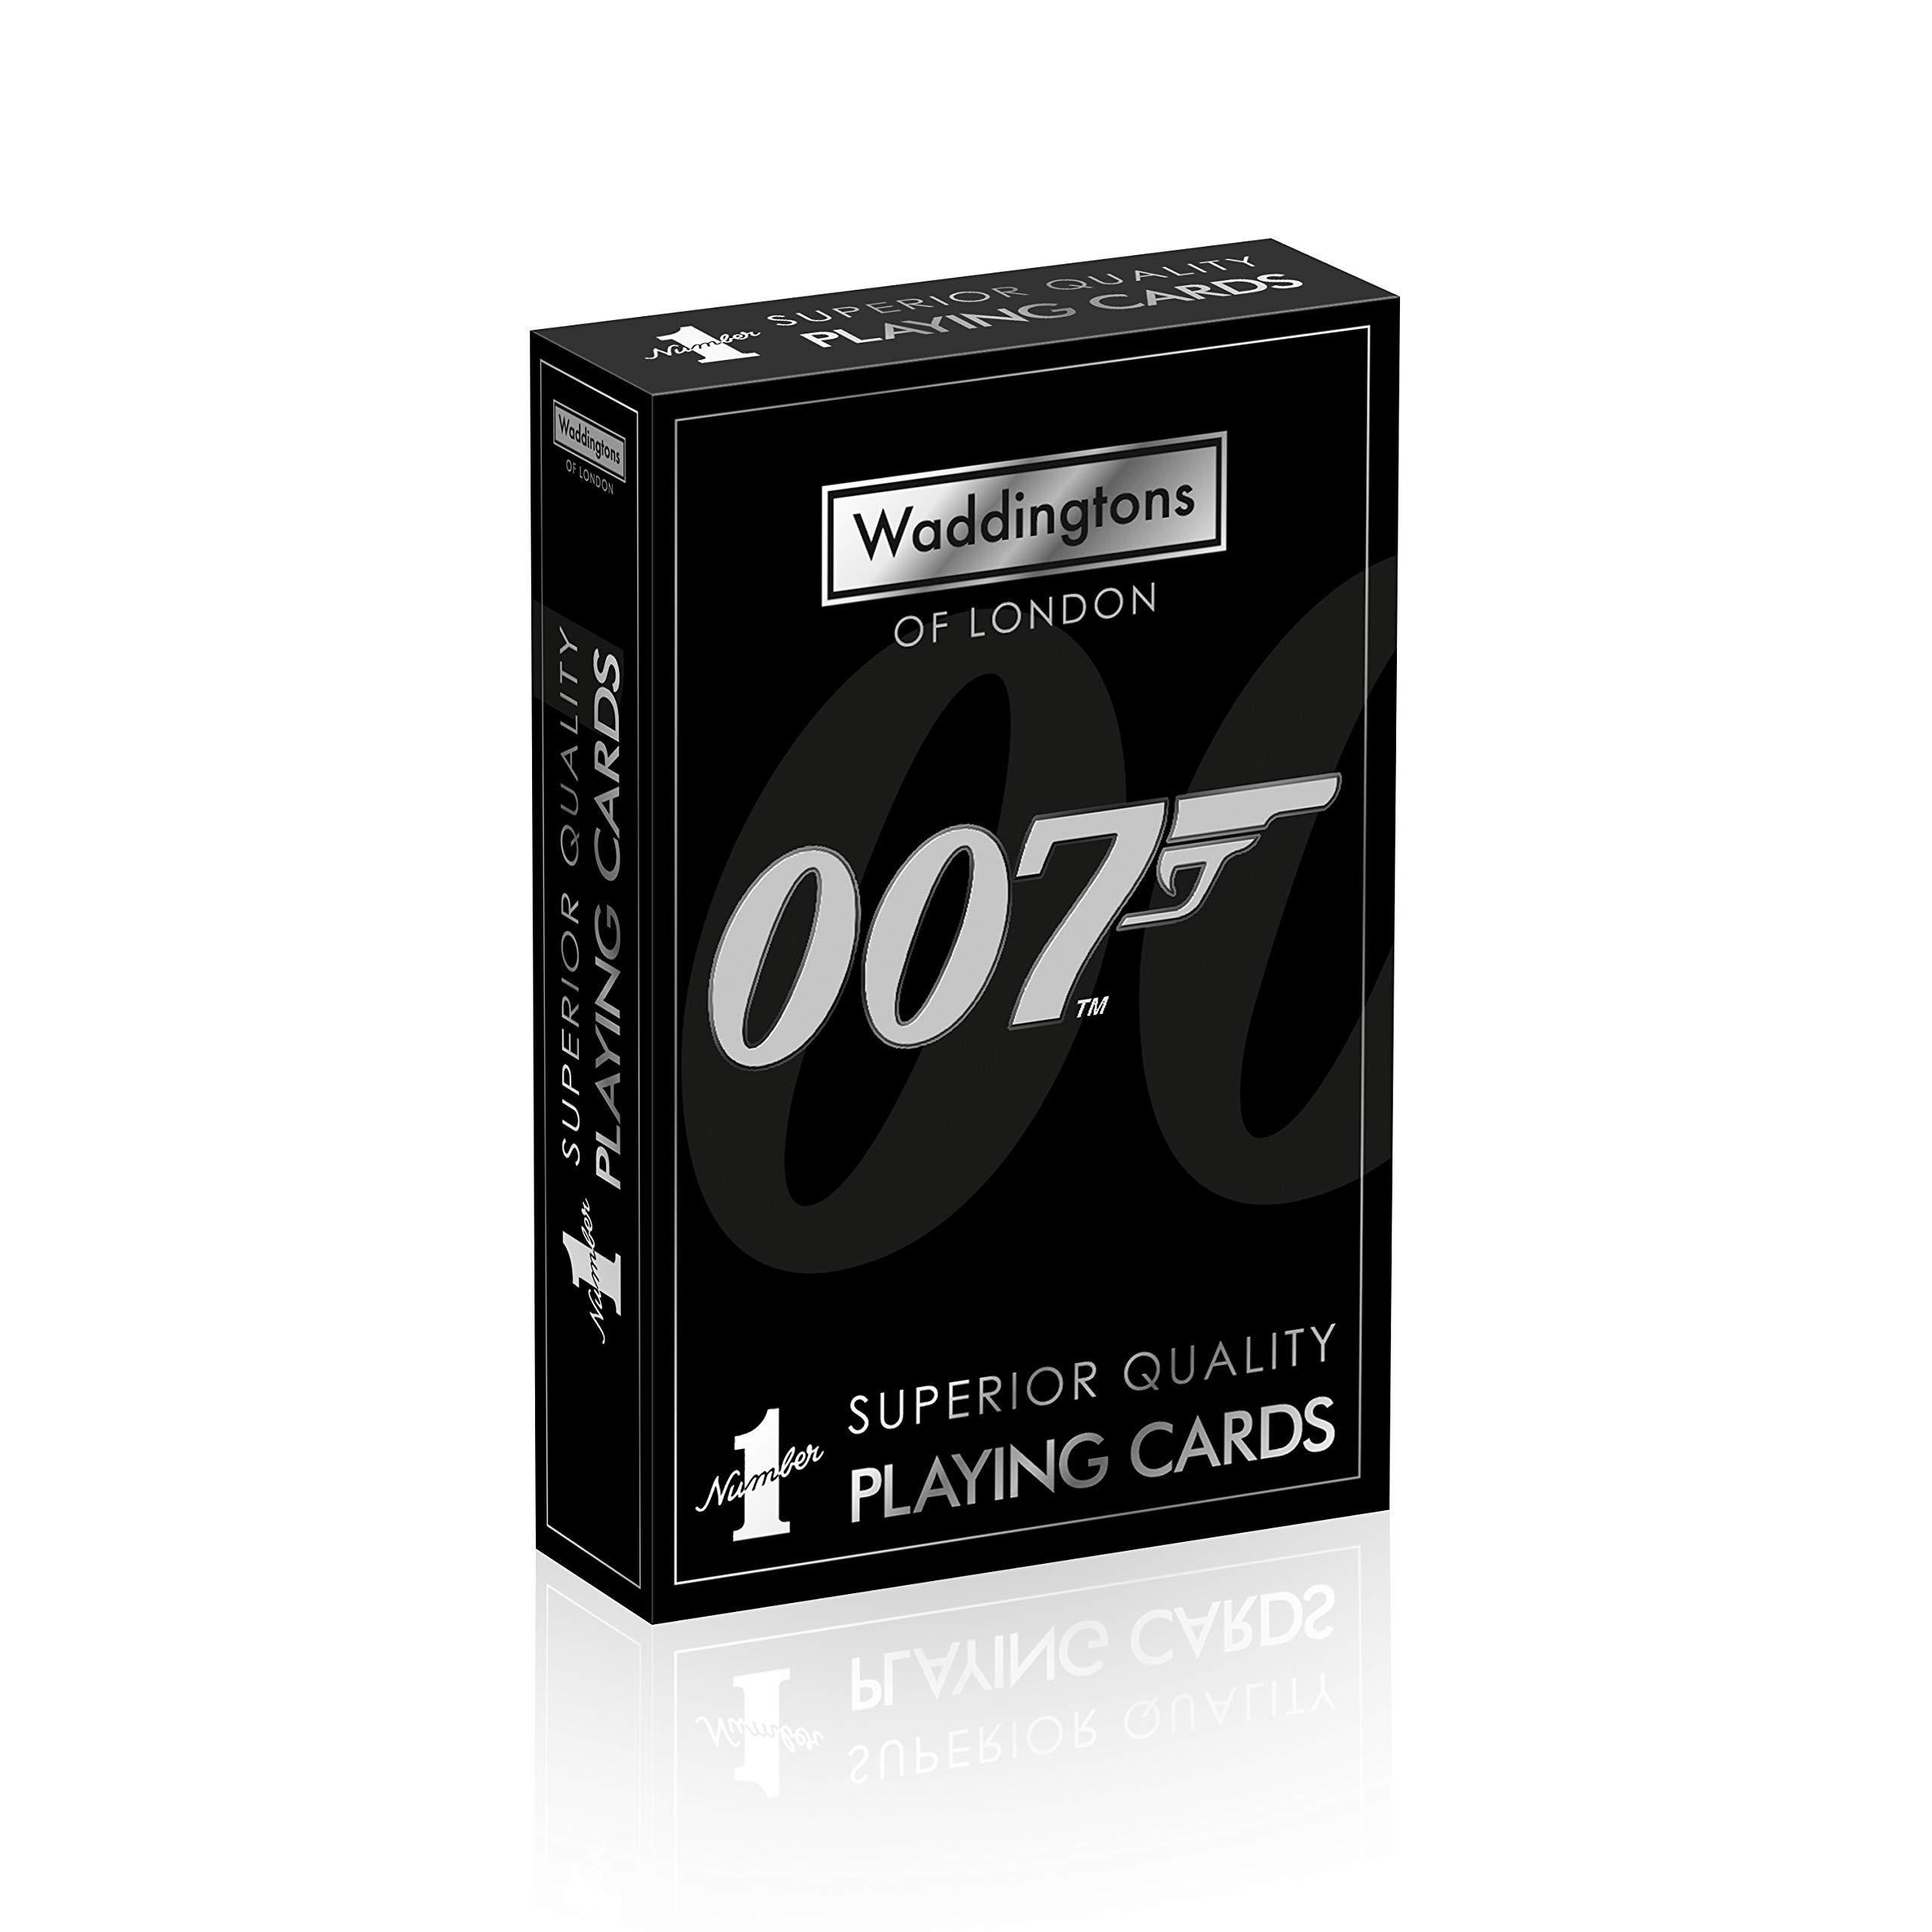 James Bond 007 Waddingtons Number Playing Cards